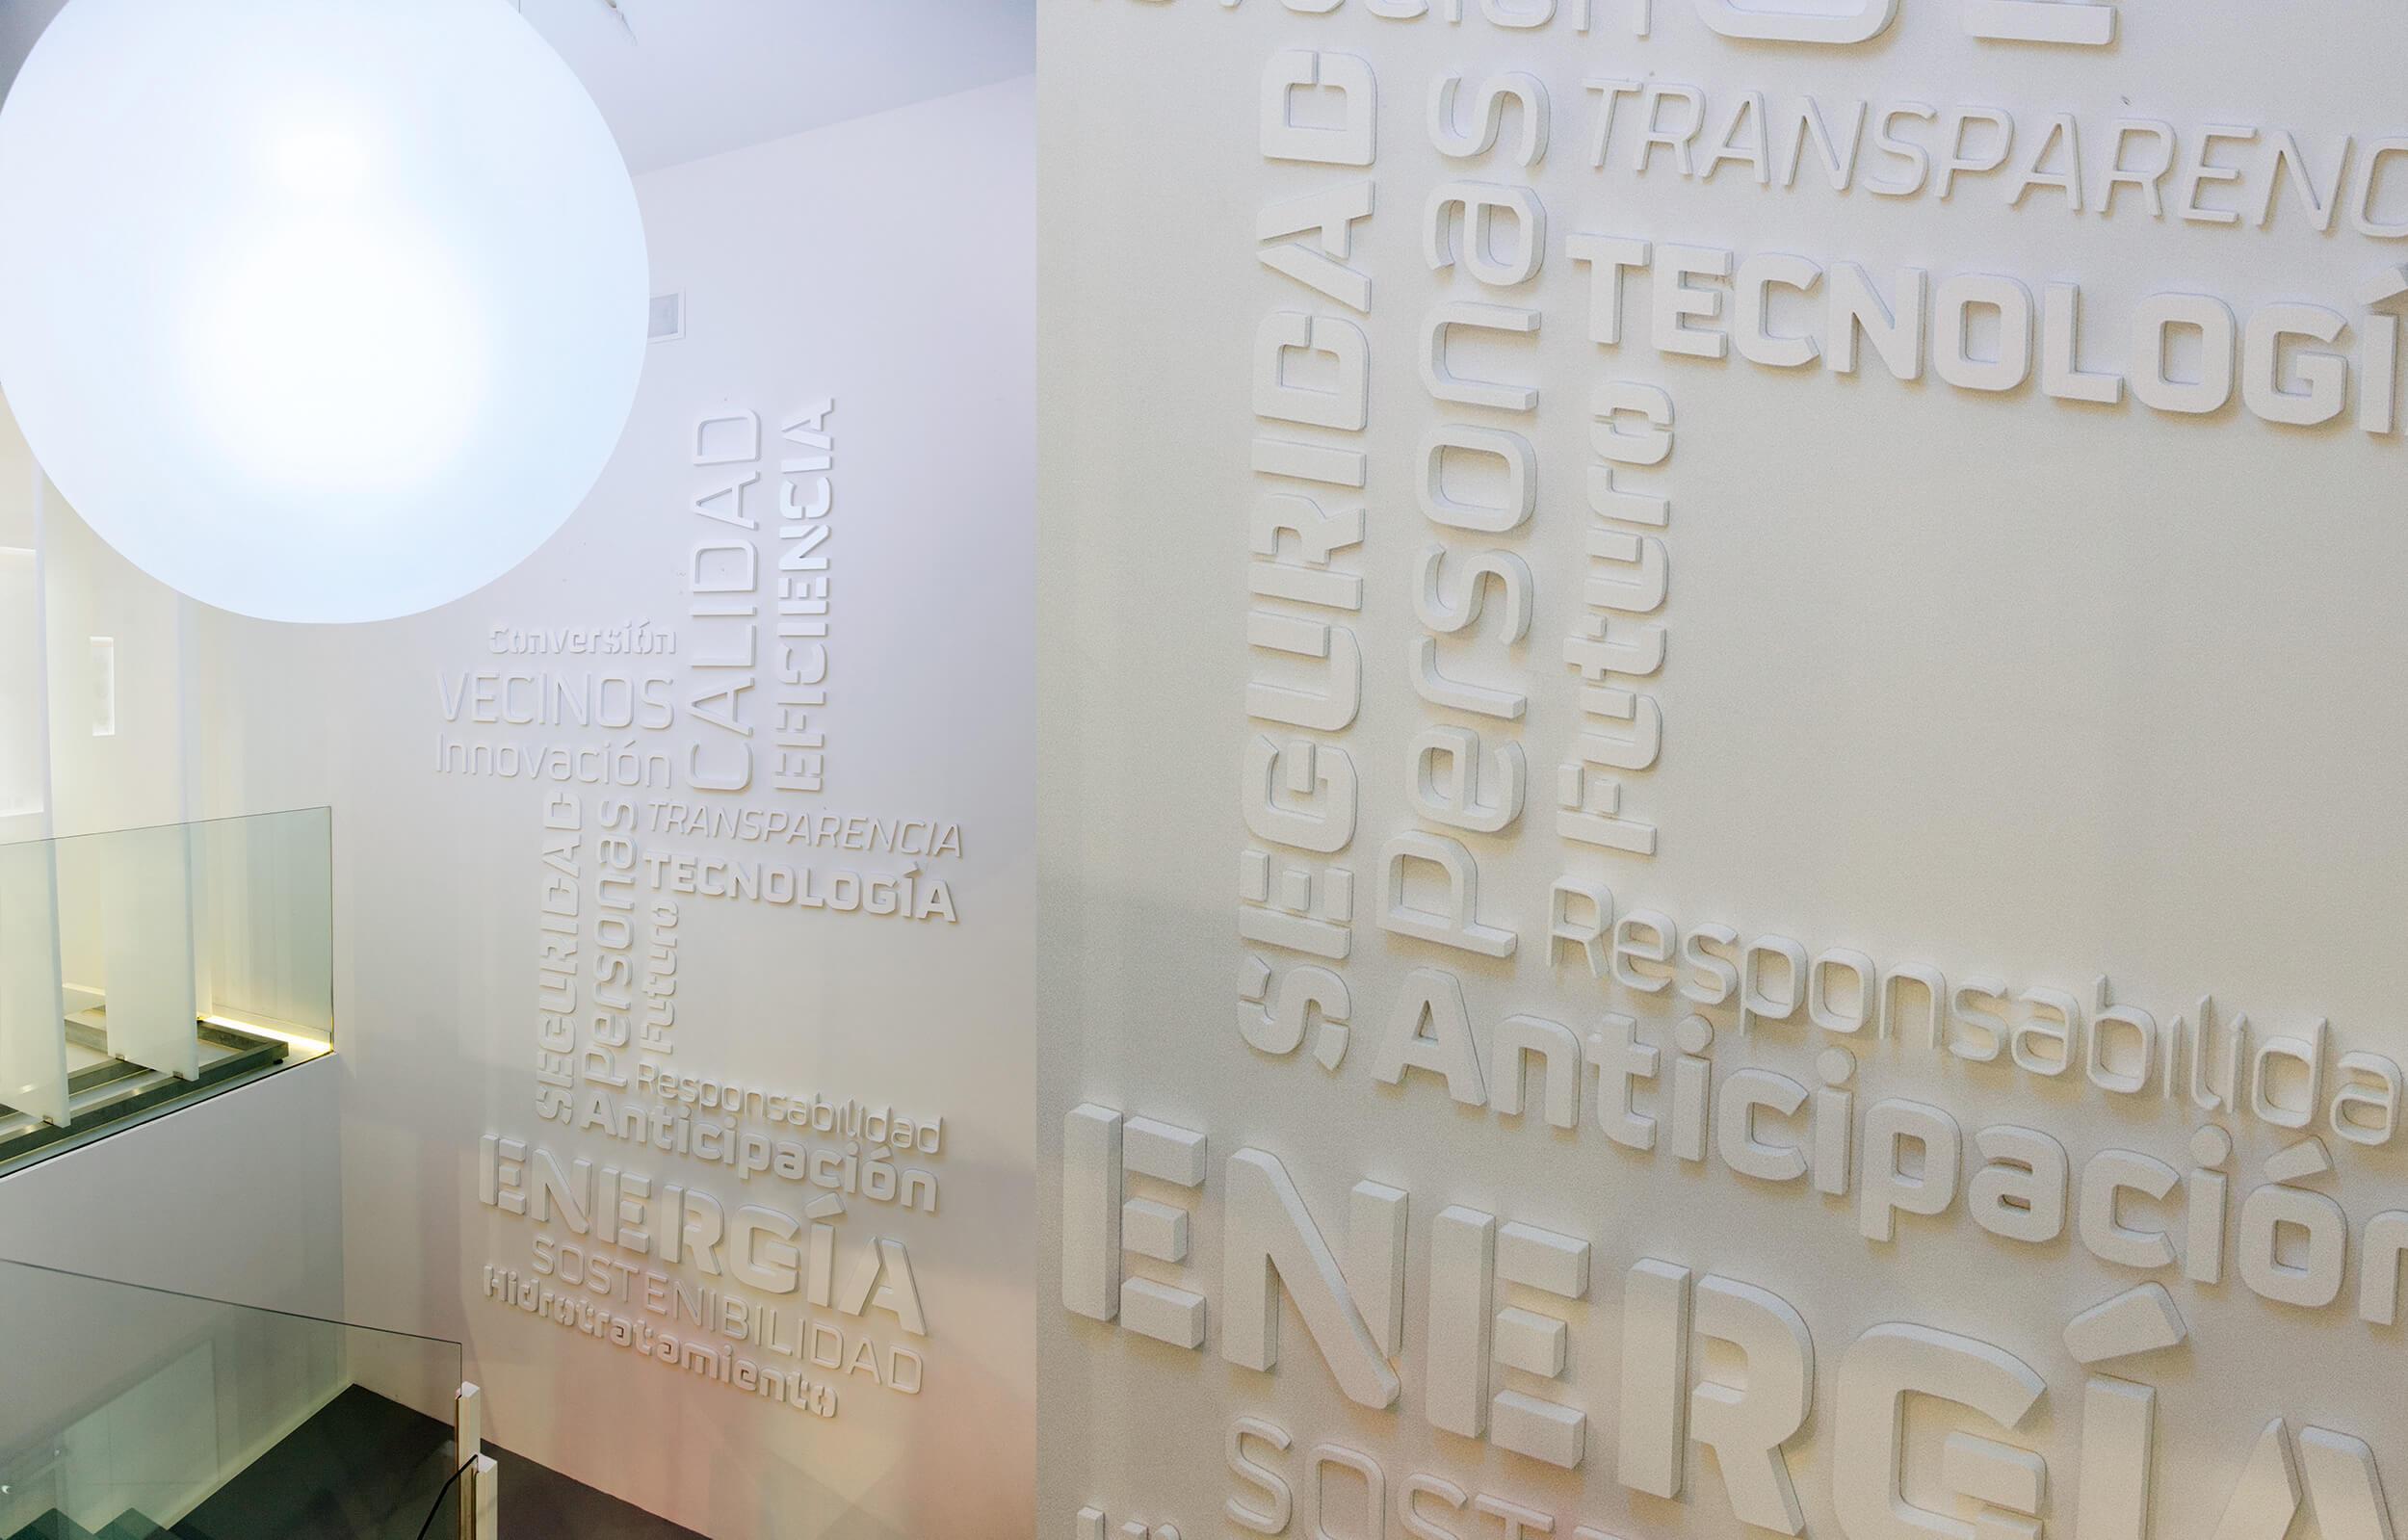 Muro tipográfico, con términos que definen la estrategia de Repsol en el Centro de Visitantes de Repsol en Cartagena